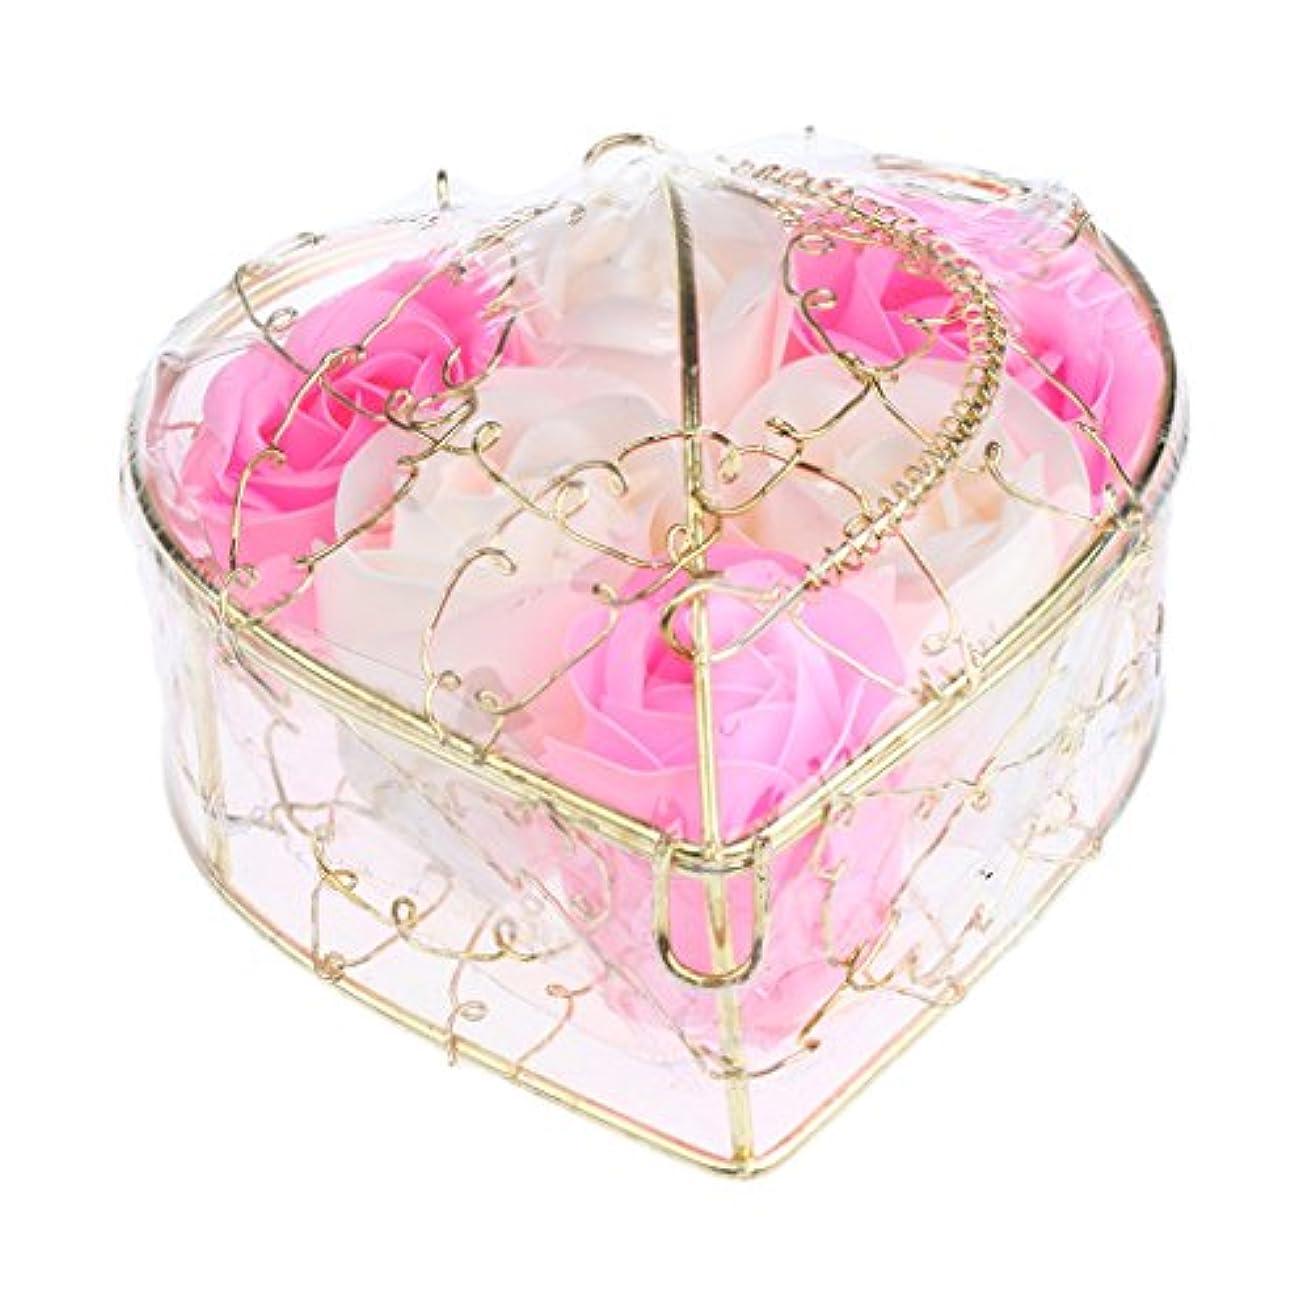 ウミウシハーフハーフ母の日のための6個のバラ石鹸の花びらのギフトボックス - ピンクとホワイト